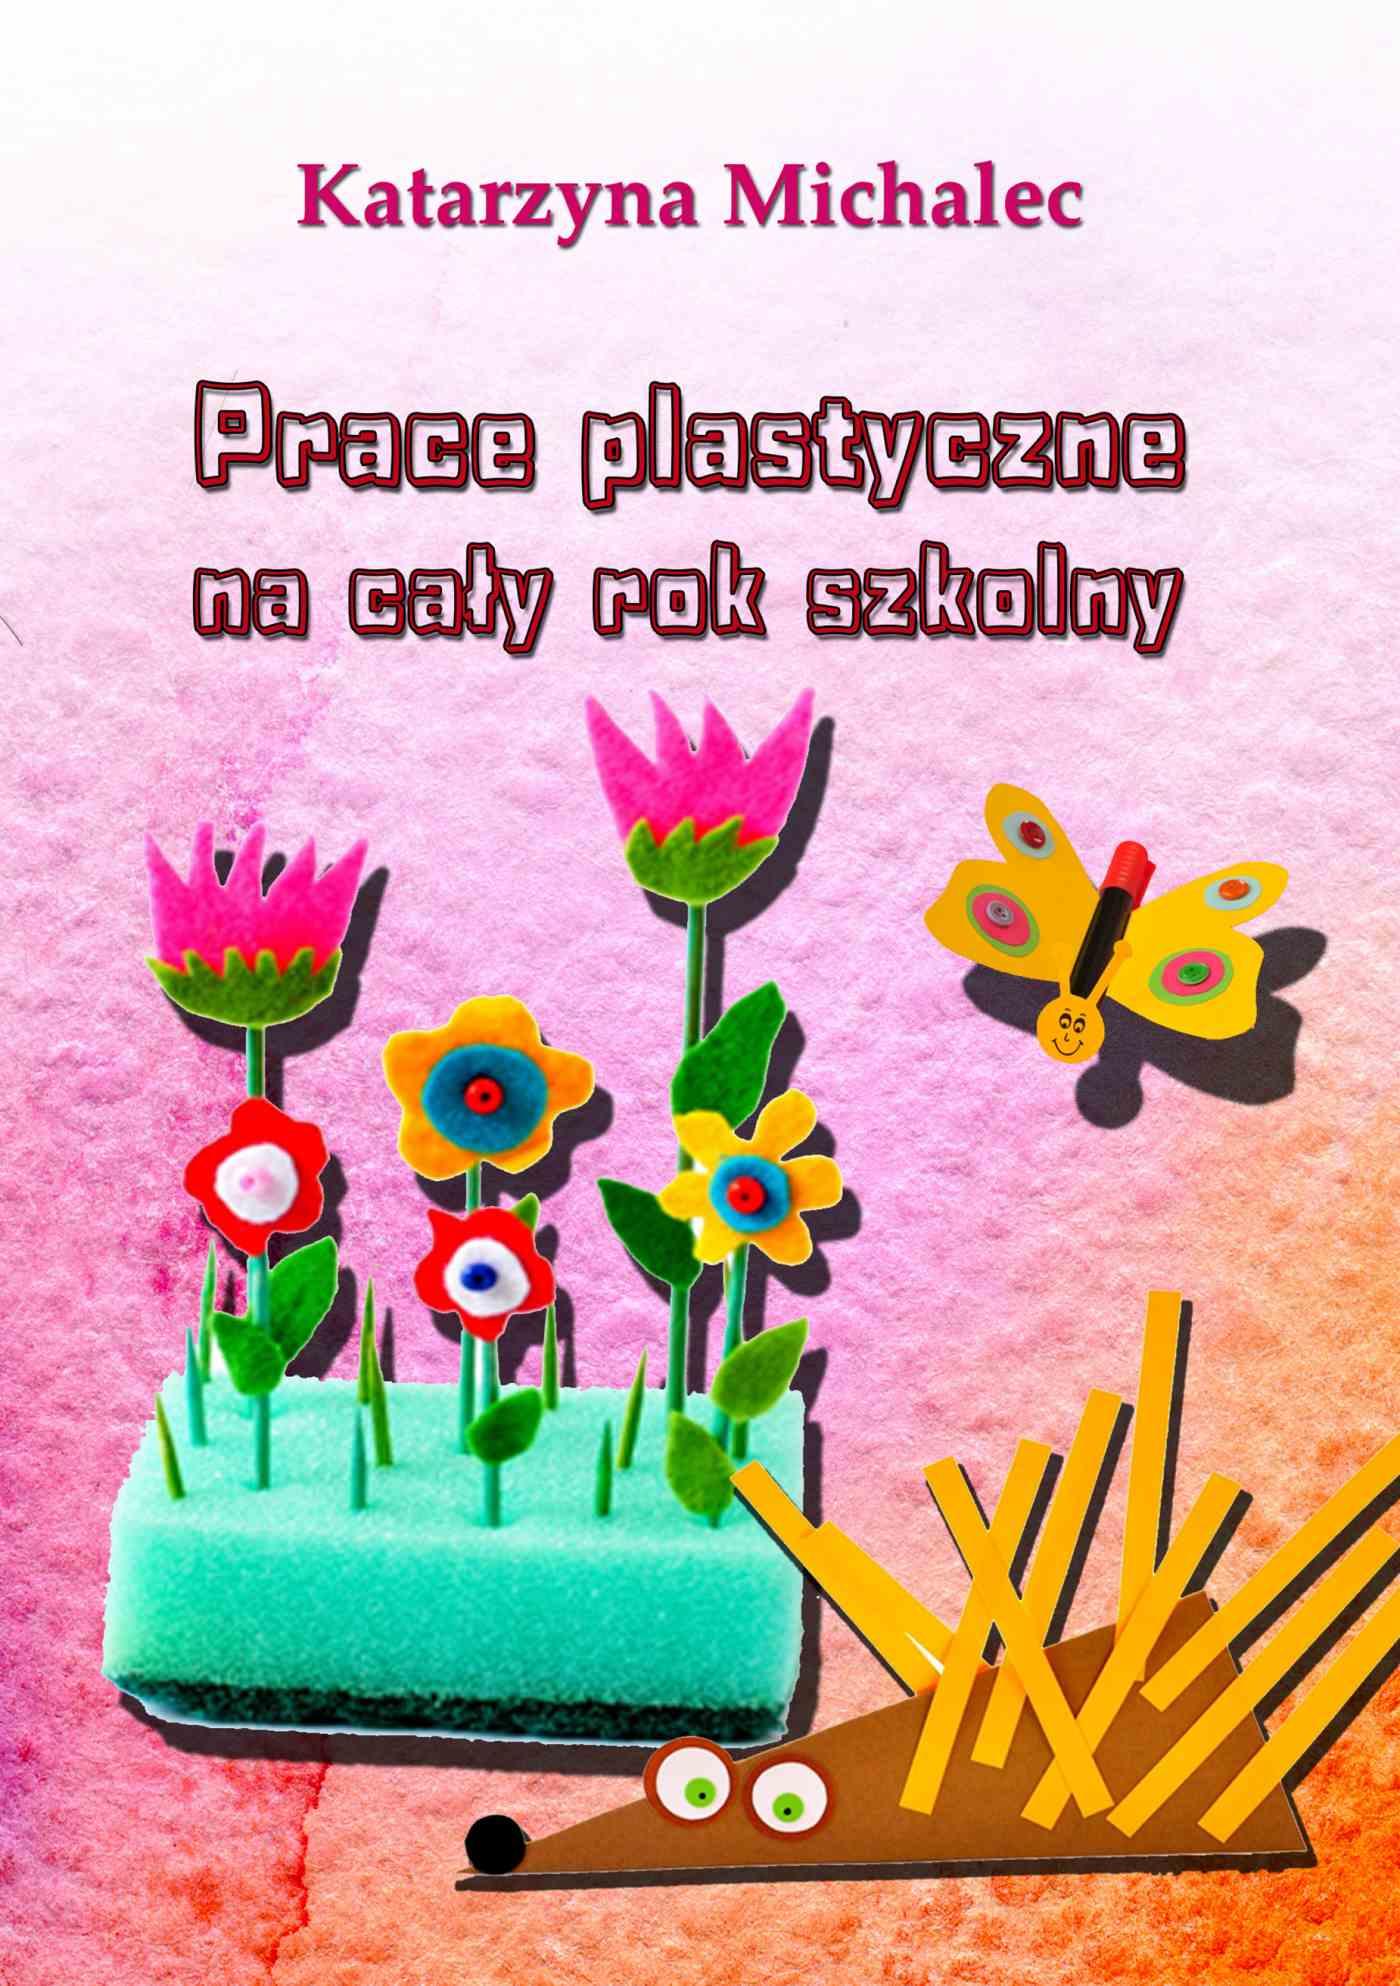 Prace plastyczne na cały rok szkolny - Ebook (Książka EPUB) do pobrania w formacie EPUB